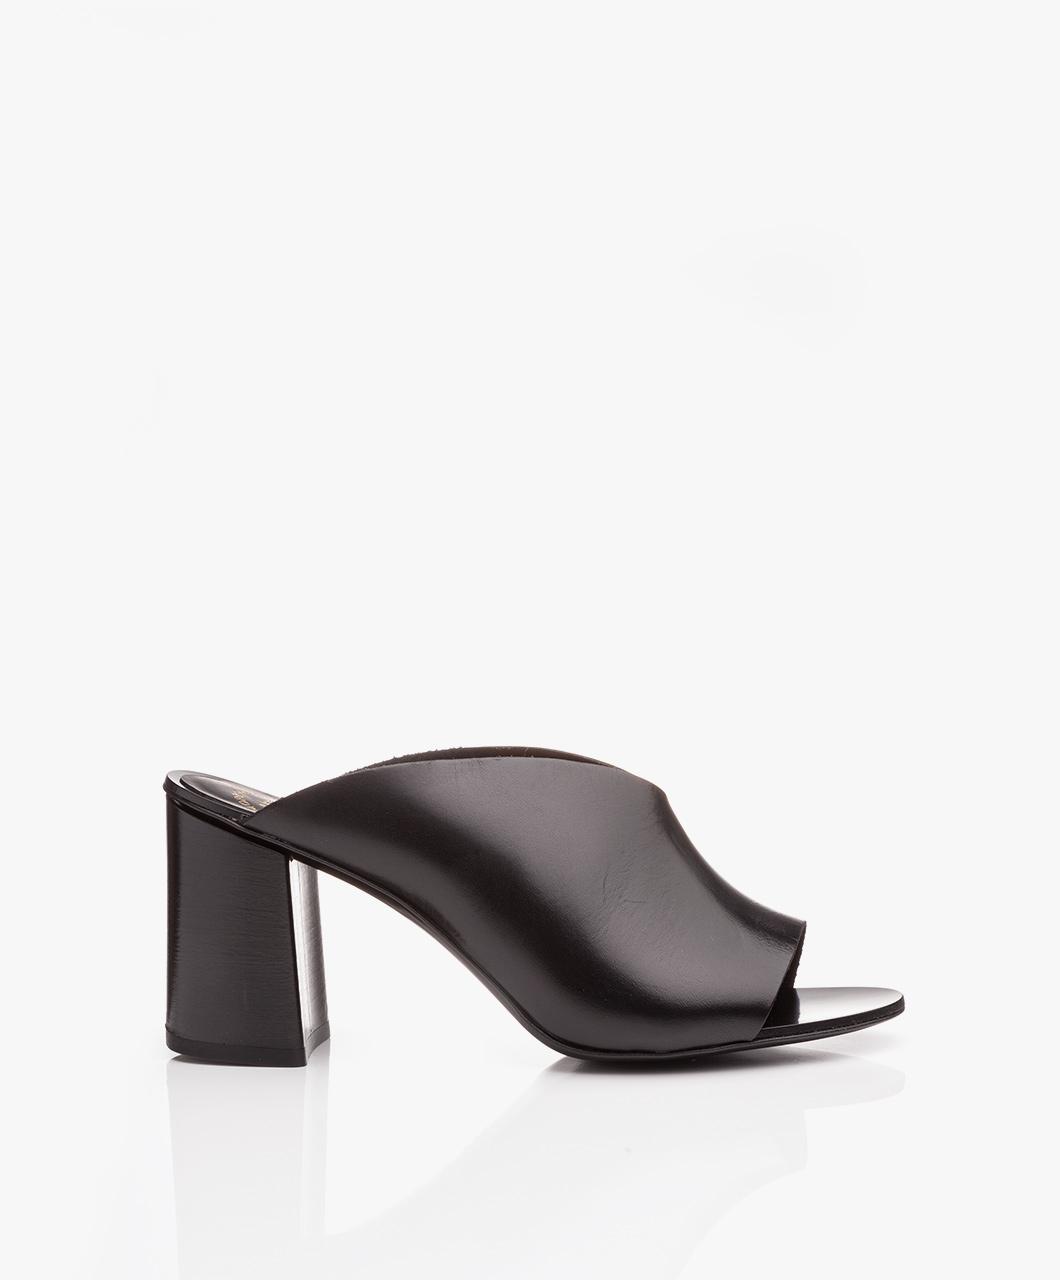 Immagine di ATP Atelier Mules Black Licola Vacchetta Leather Block Heel